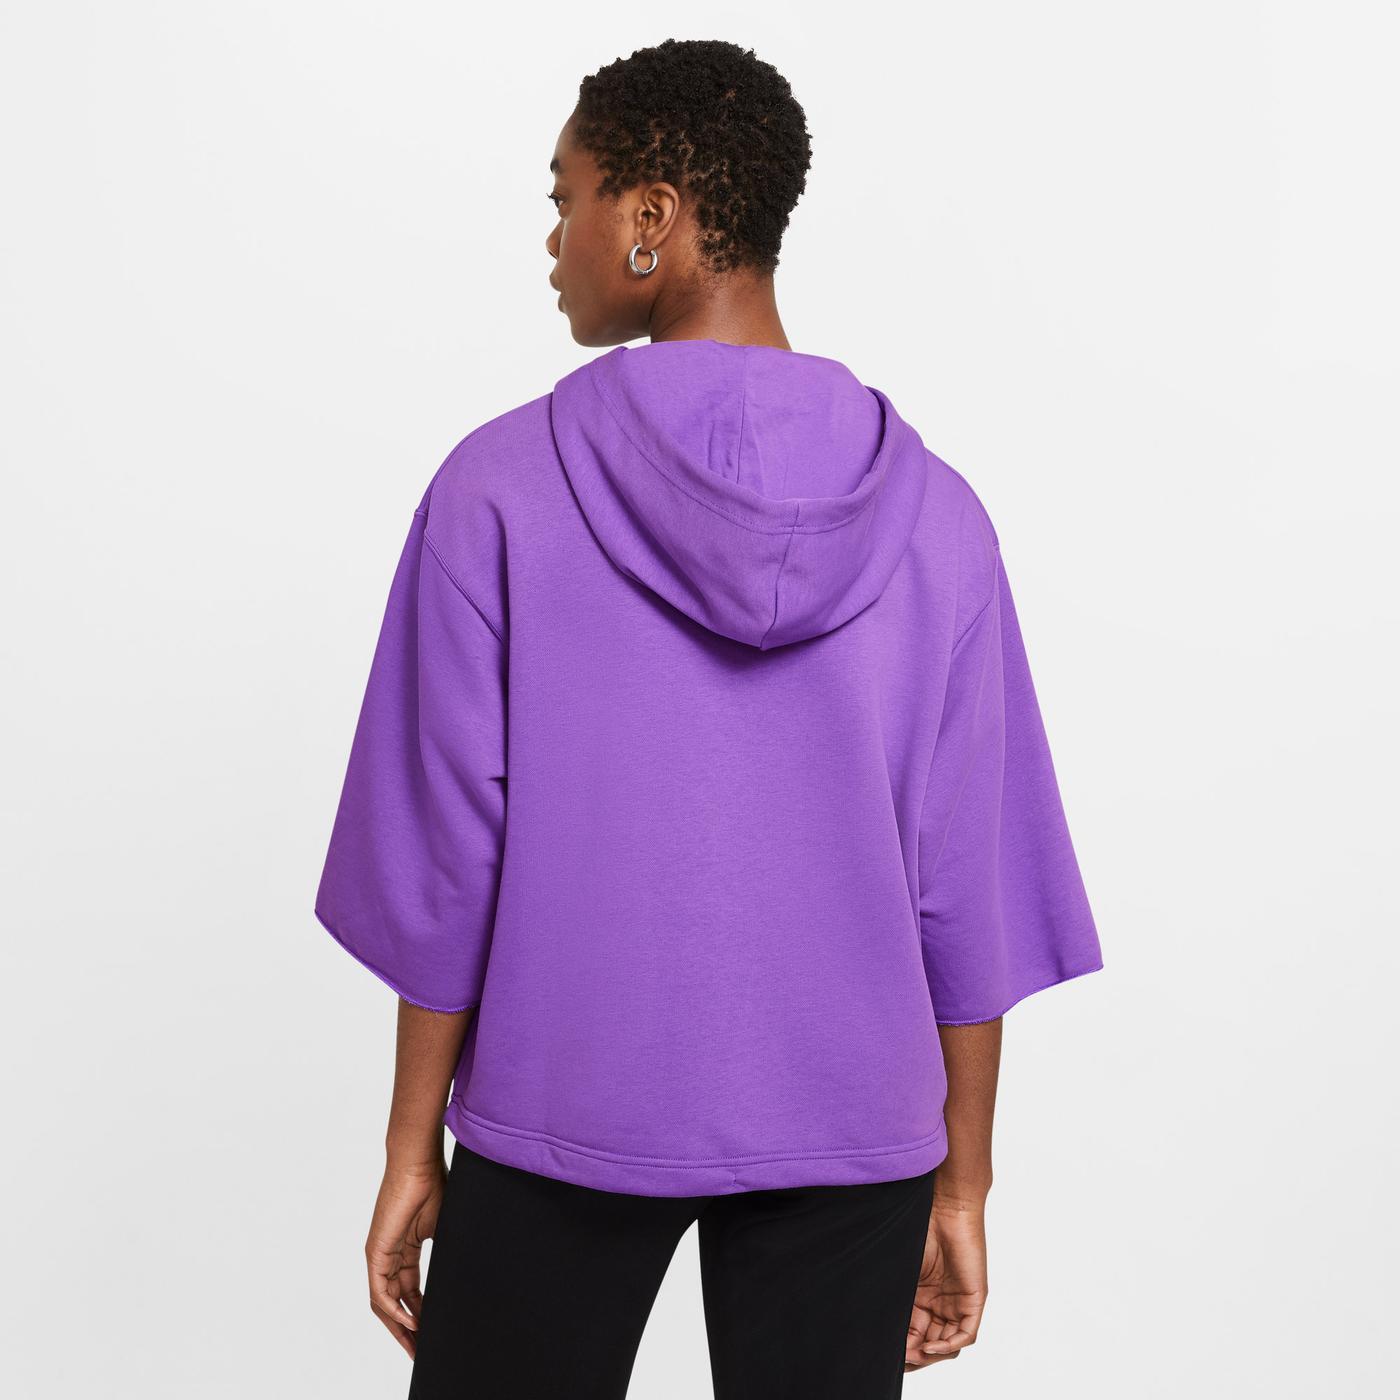 Nike Sportswear Icn Clsh Ft Kadın Mor Sweatshirt